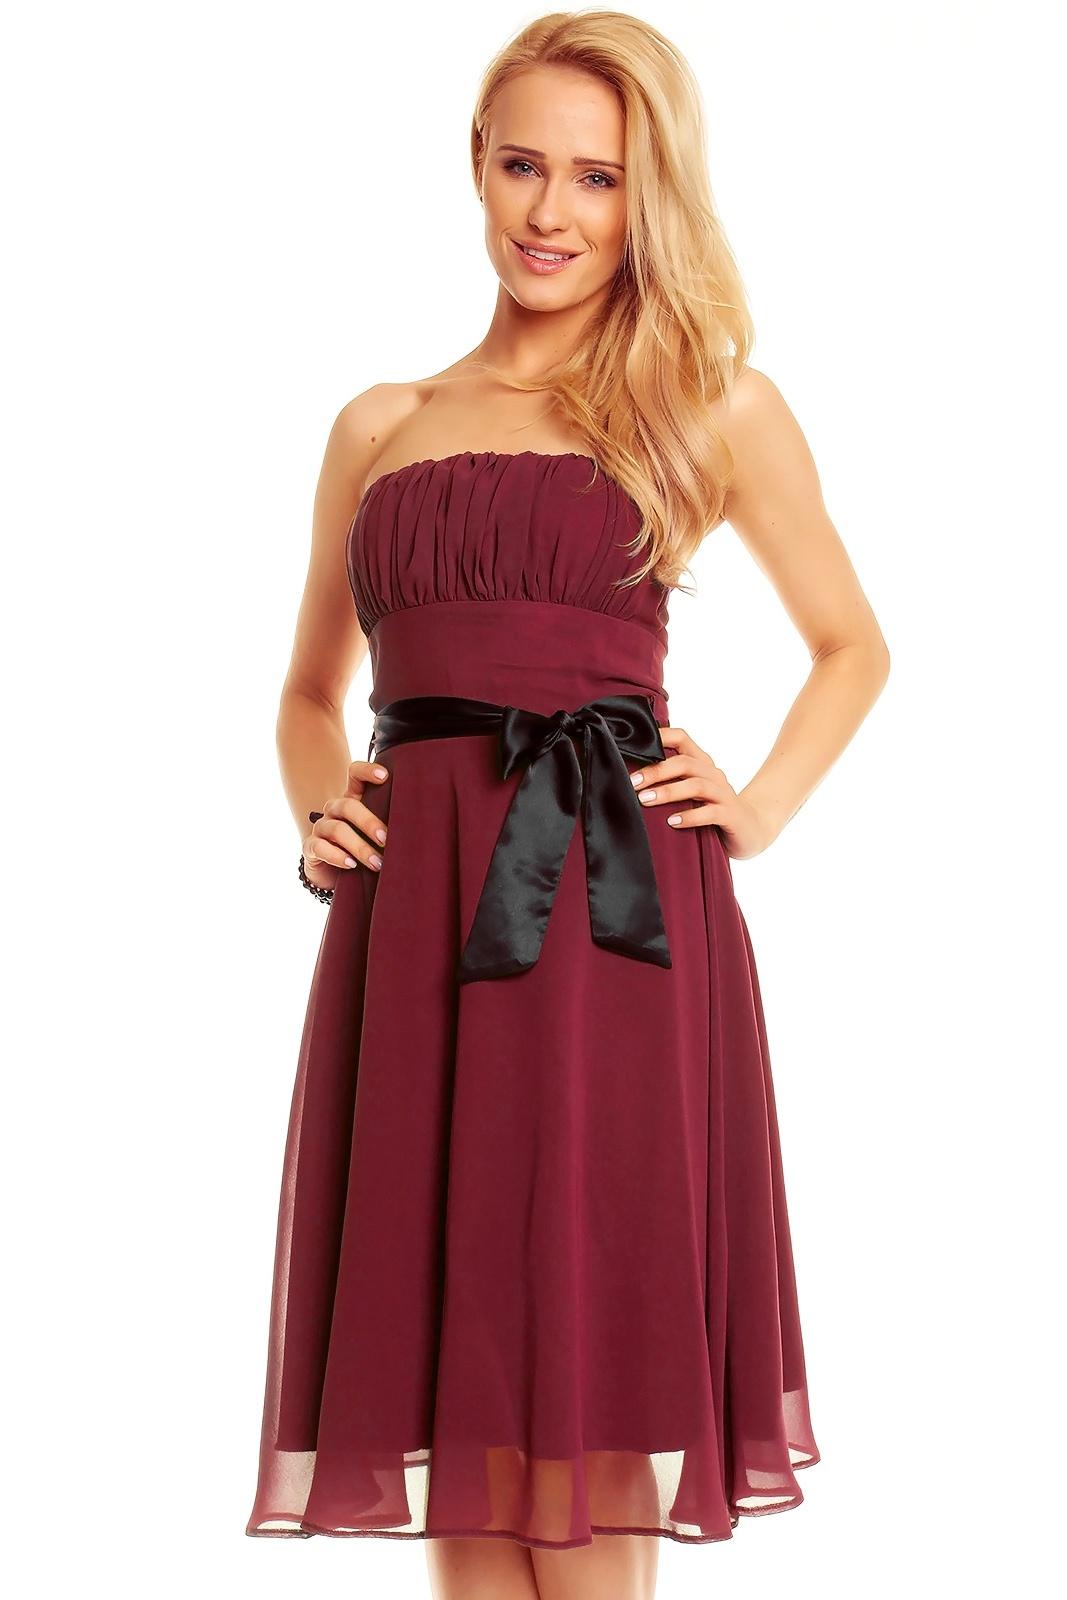 MAYAADI Dámské společenské šaty korzetové s mašlí a šifonovou sukní bordó eb61950a3c